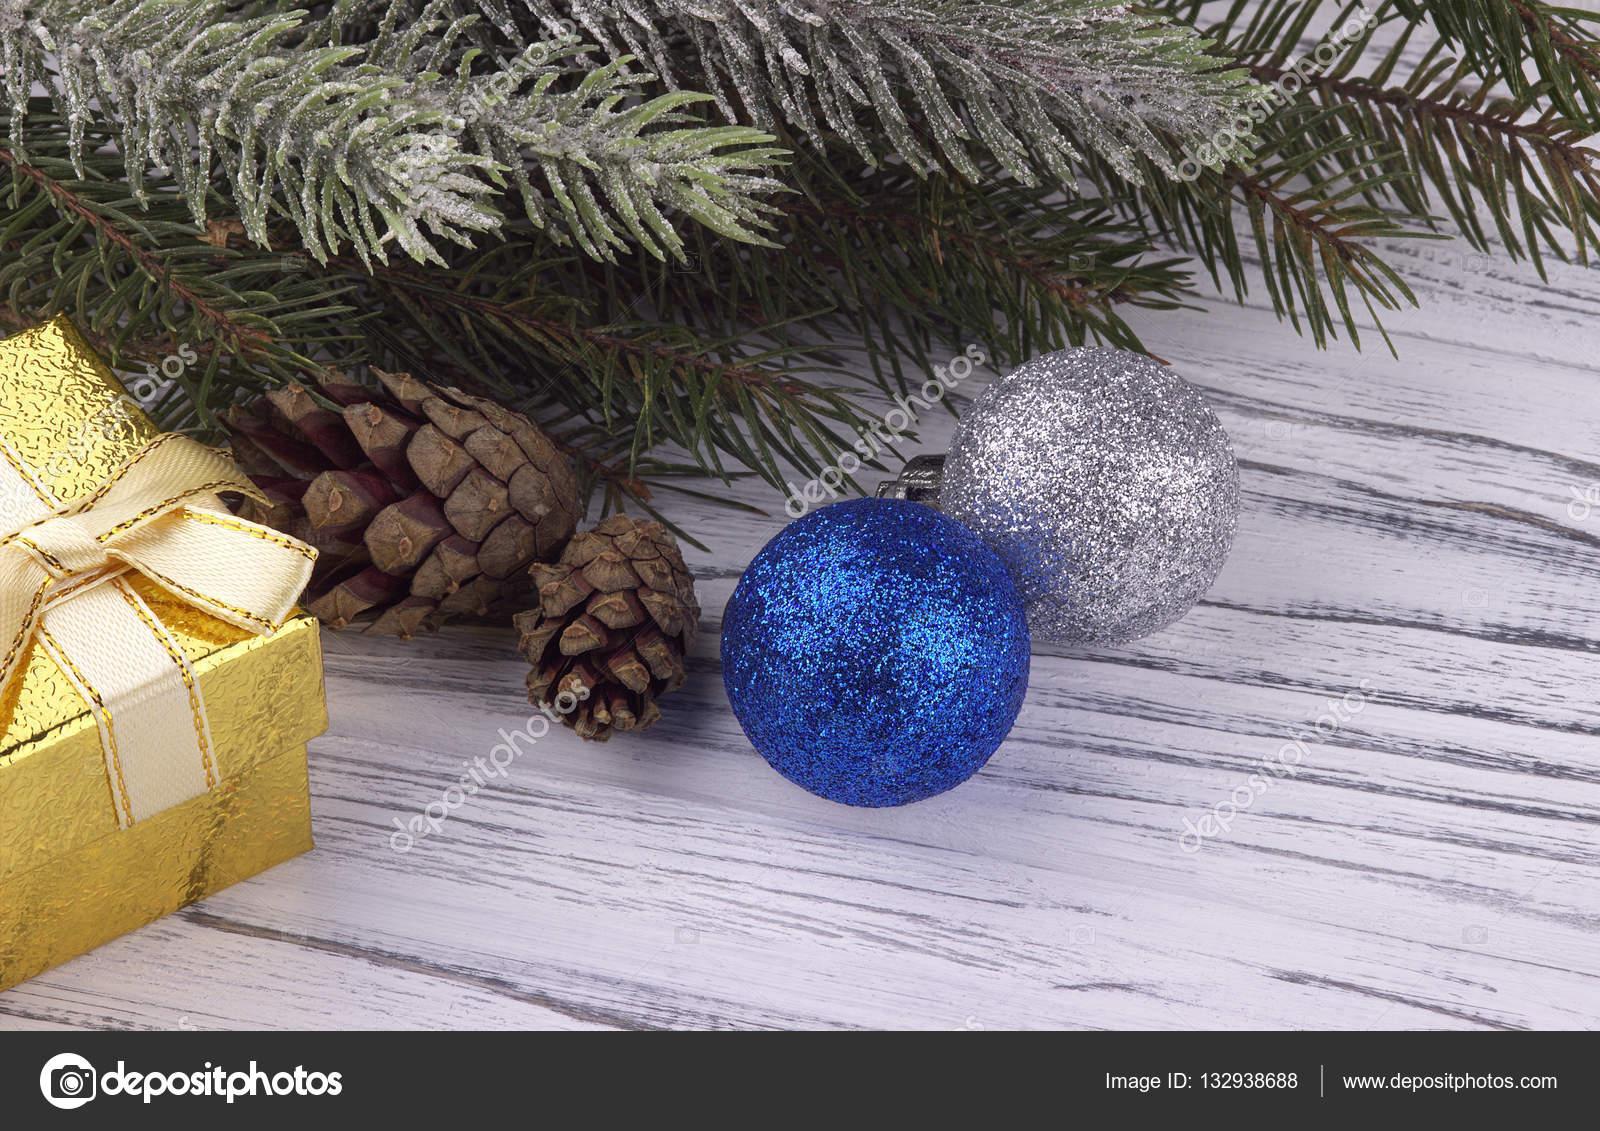 Feestdagen Natuurlijke Kerstdecoratie : Kerstdecoratie met gouden geschenk doos blauw en zilver ballen